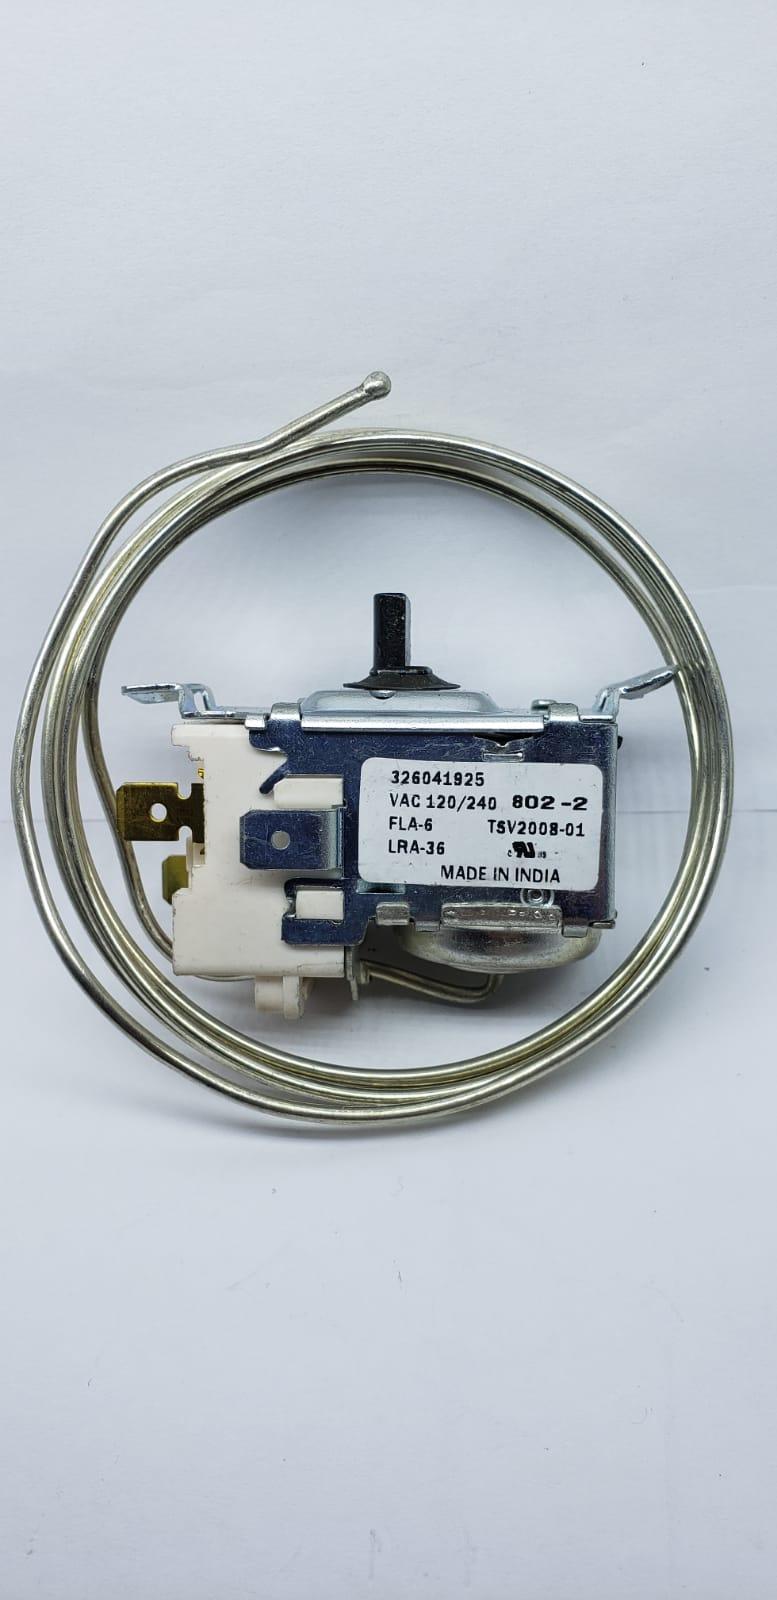 Termostato Invensys Ac Tsv 2008 01 Consul Original W11107297